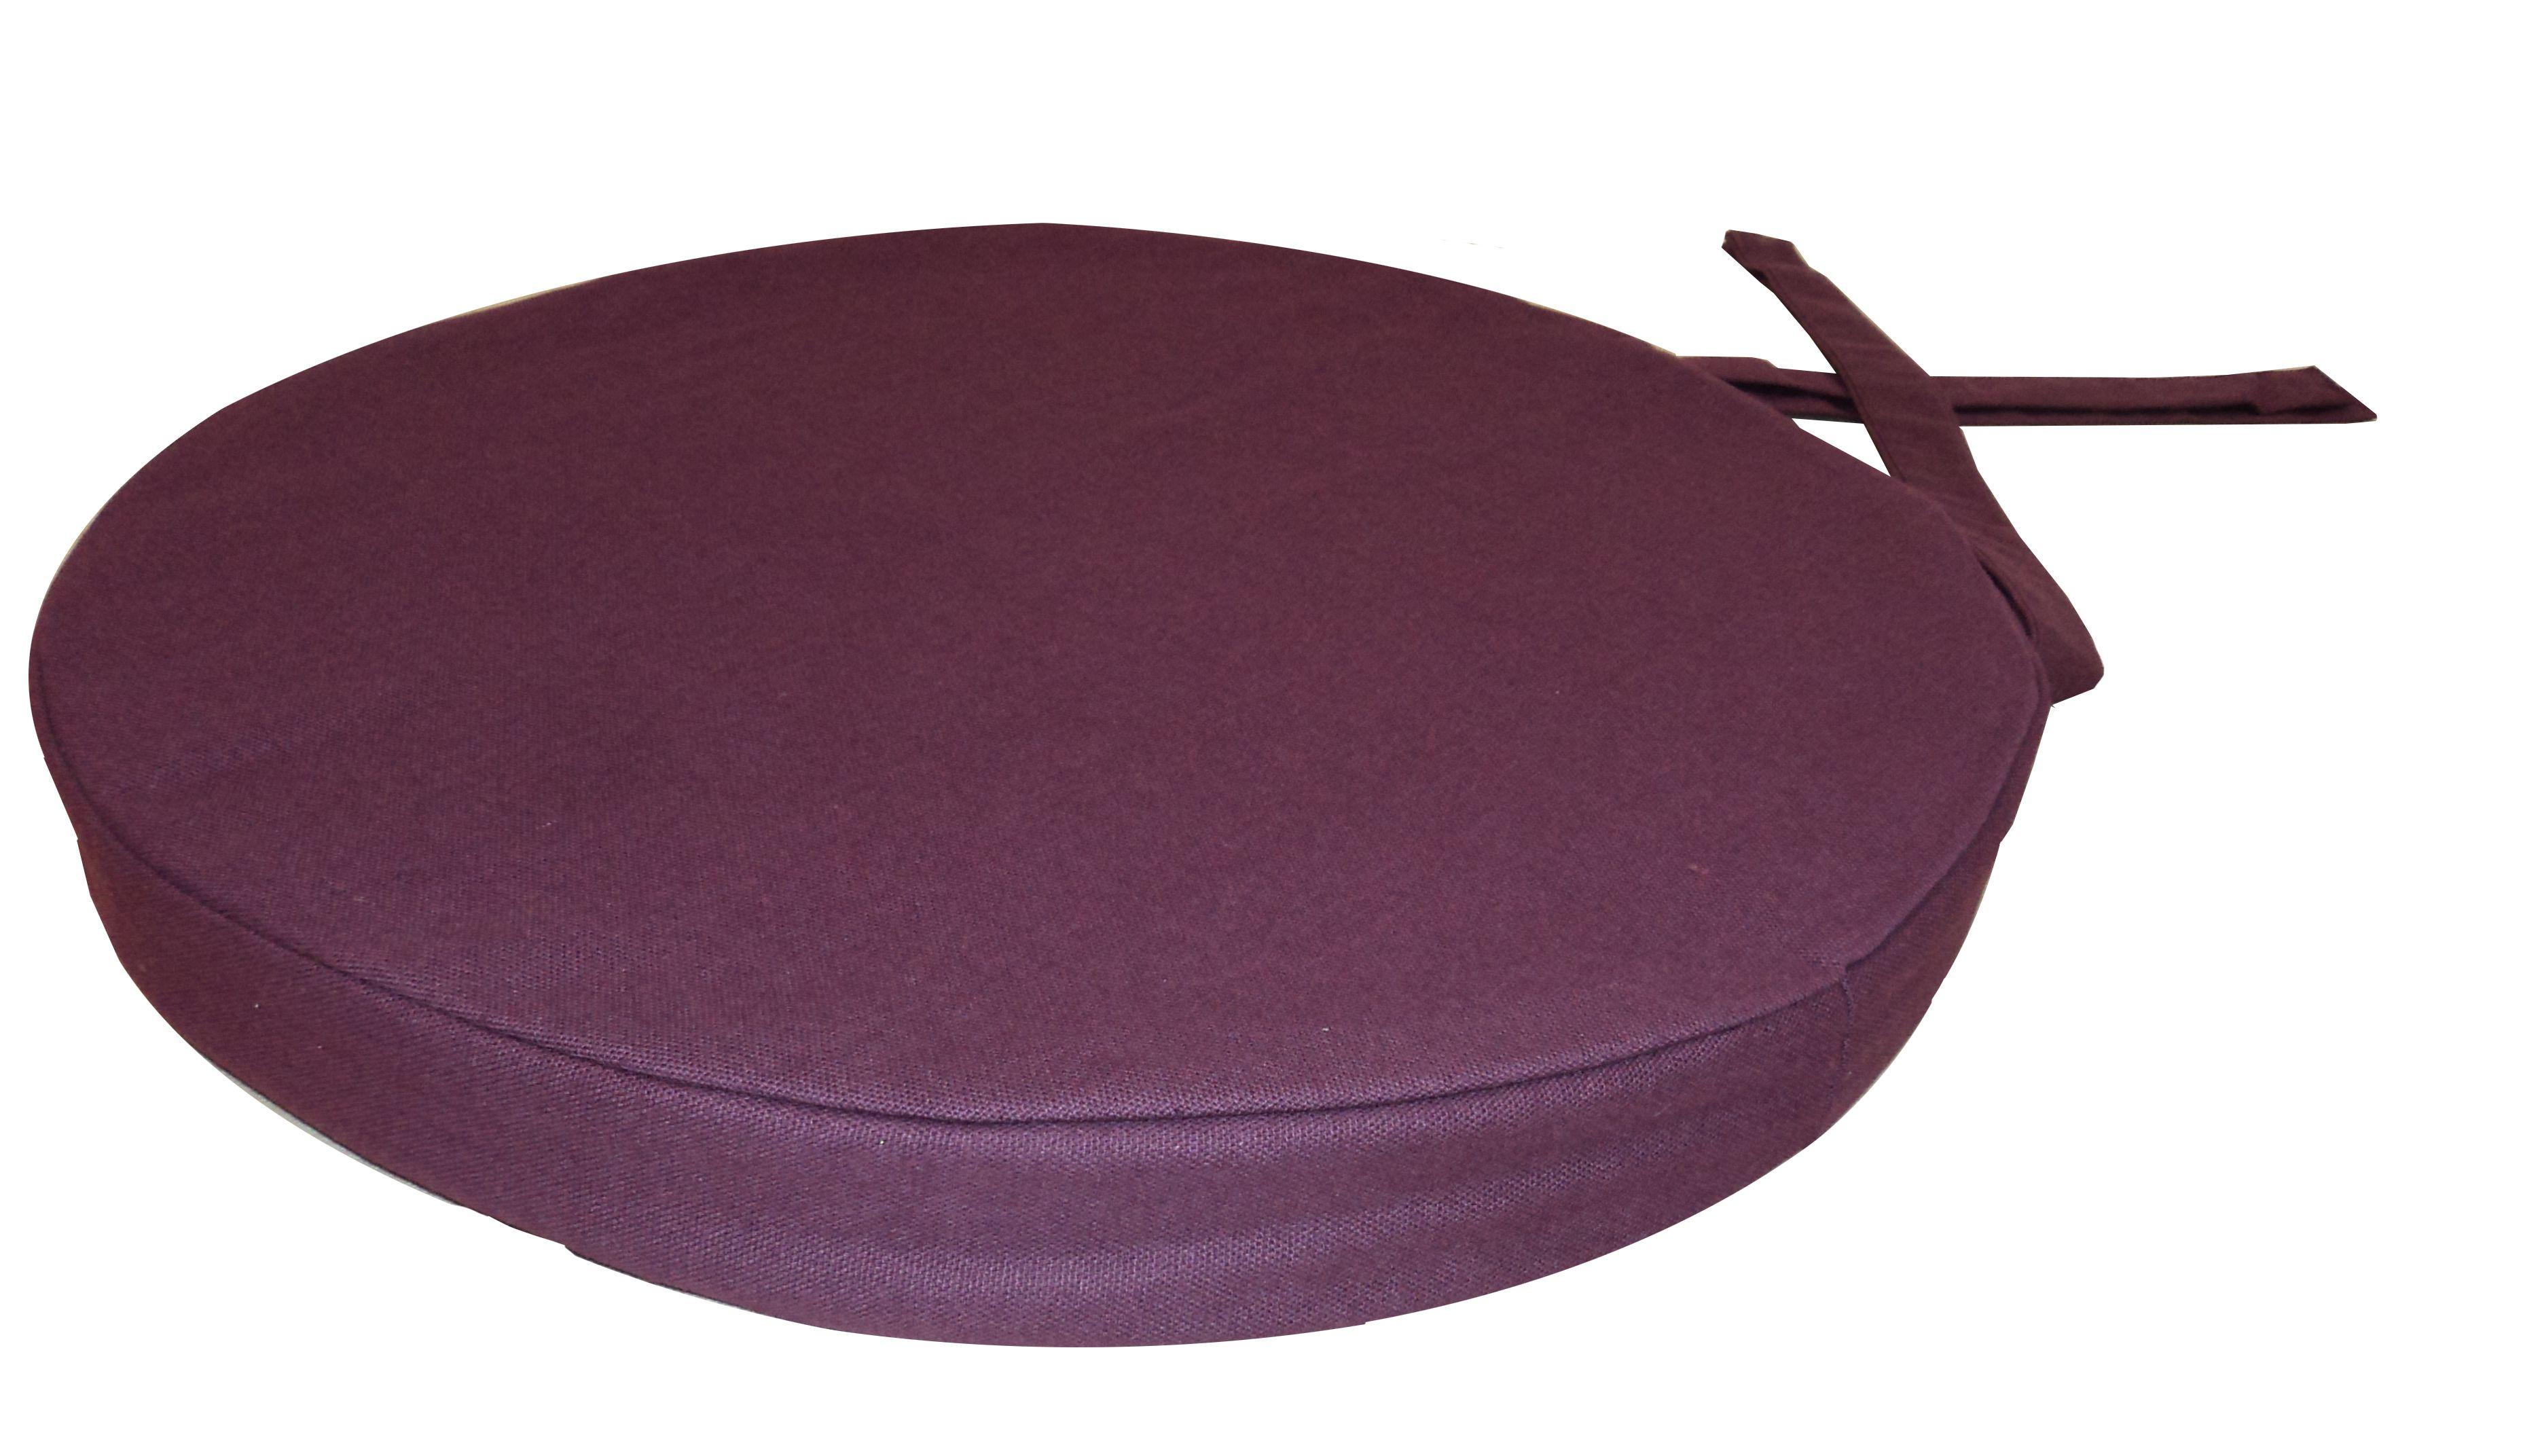 galette de chaise ronde en coton 40 cm lot de 6 aubergine. Black Bedroom Furniture Sets. Home Design Ideas